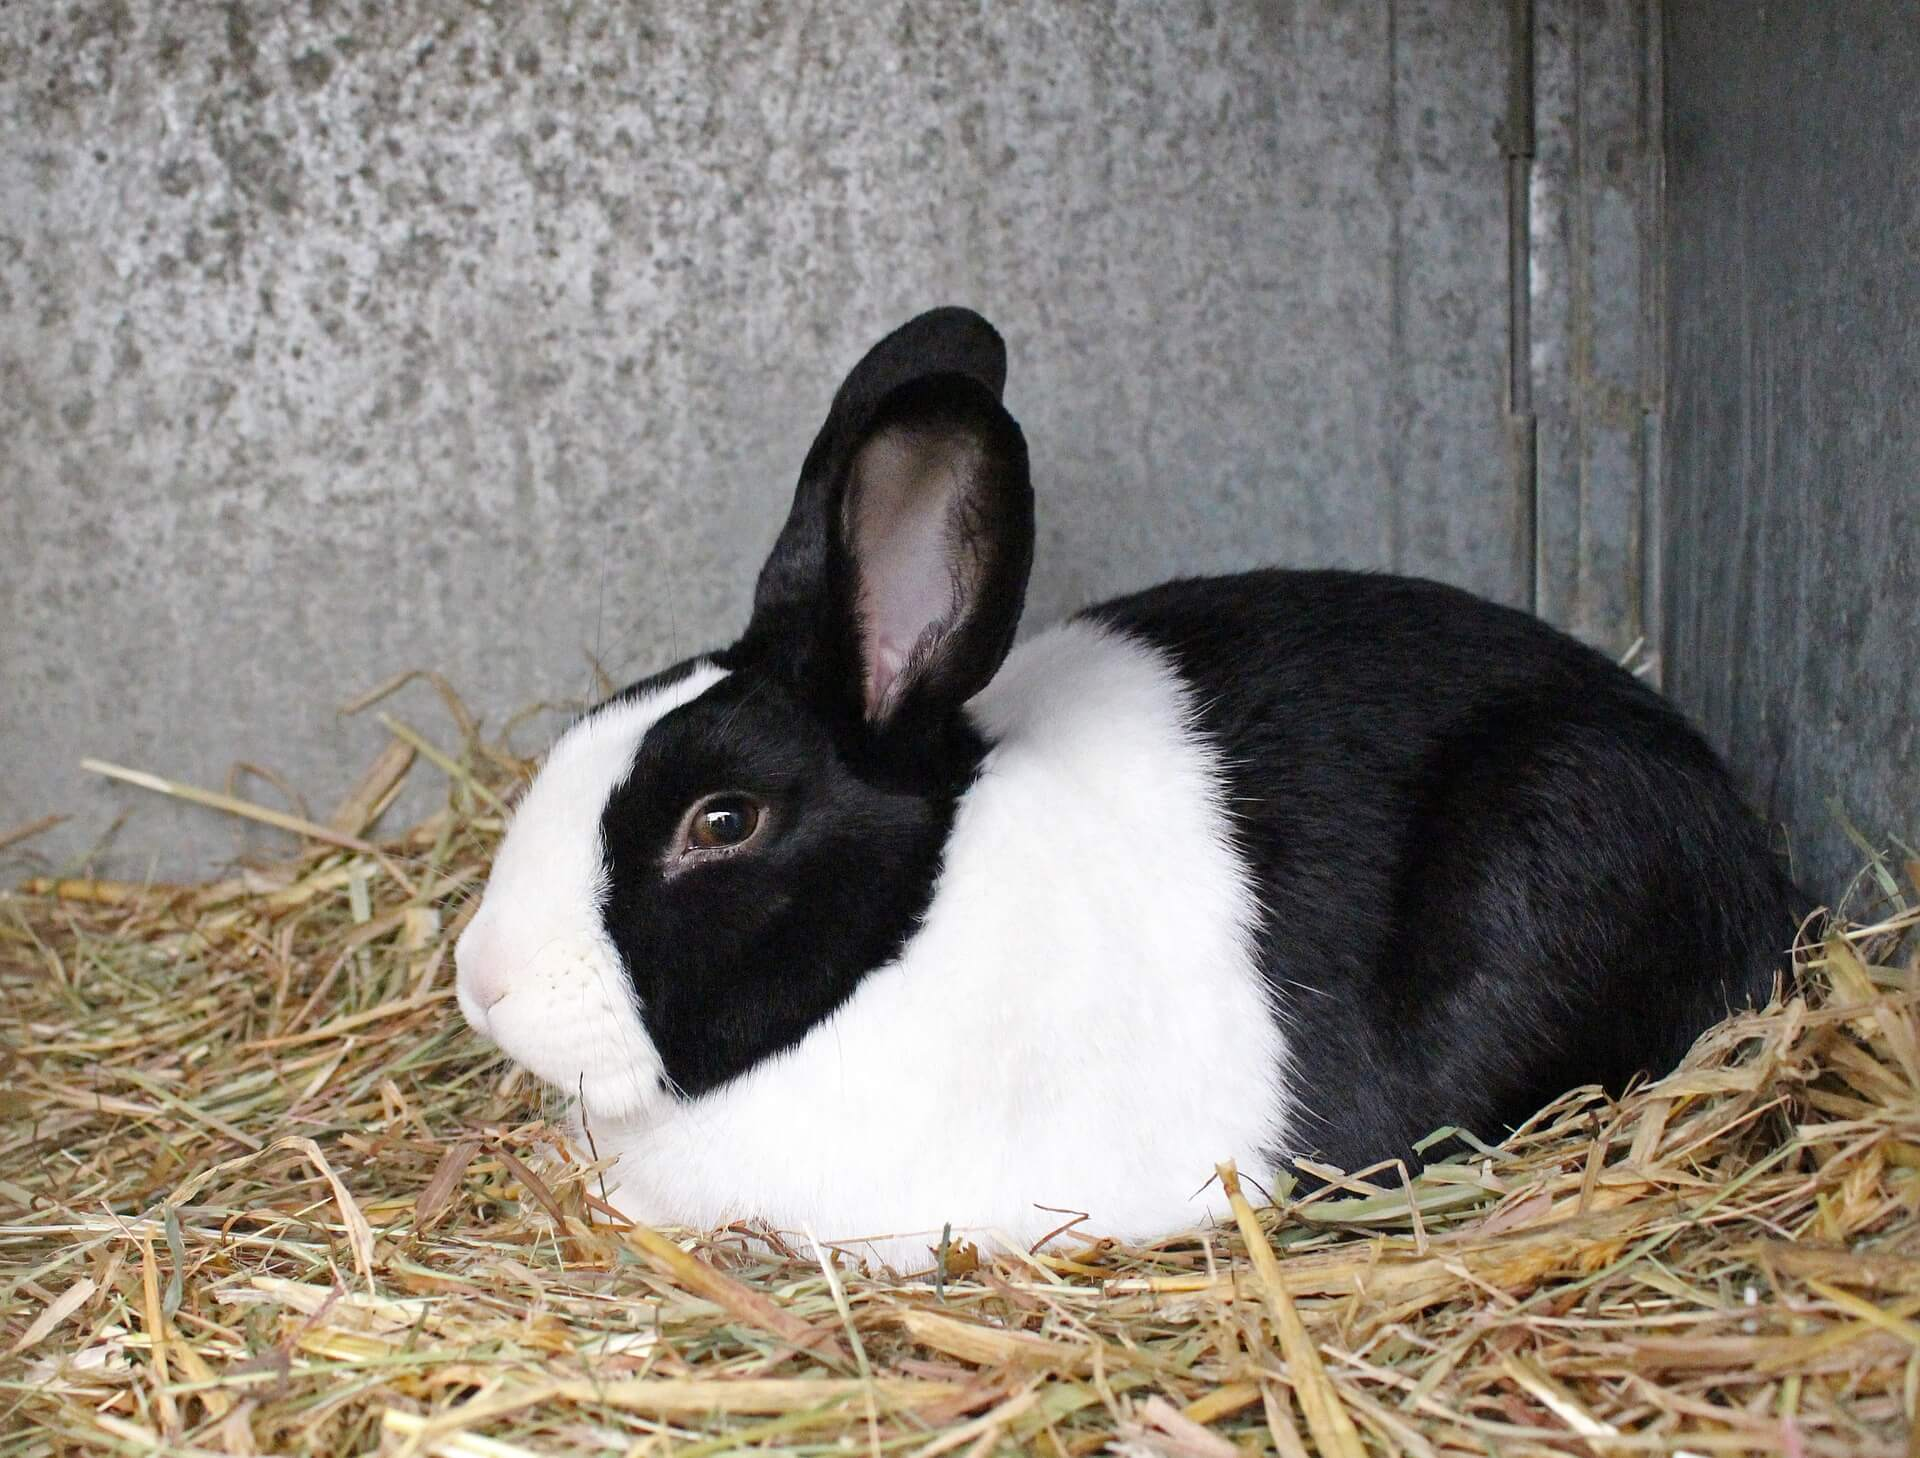 パンダウサギの写真